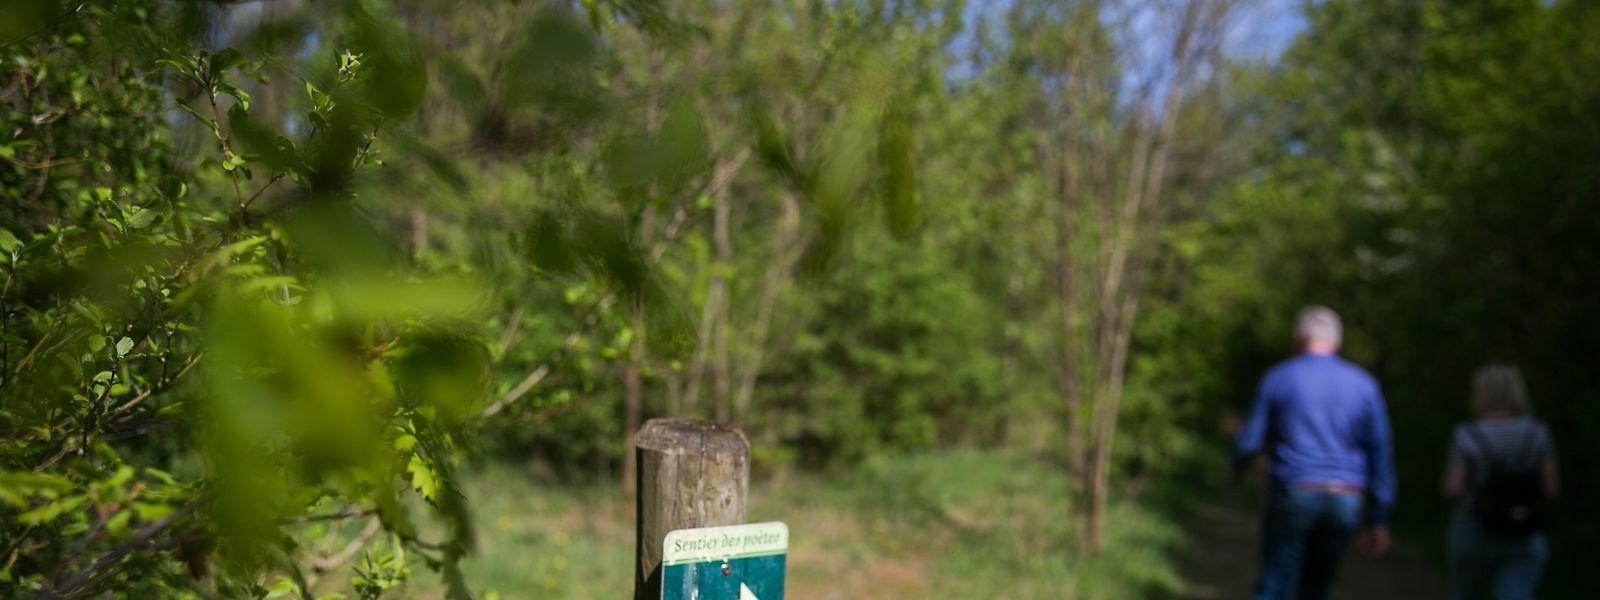 """In Luxemburg ist der """"Sentier des Poètes"""" in Petingen noch recht unbekannt. Dabei lohnt sich eine Wanderungen zwischen grünen Bäumen und Poesie."""